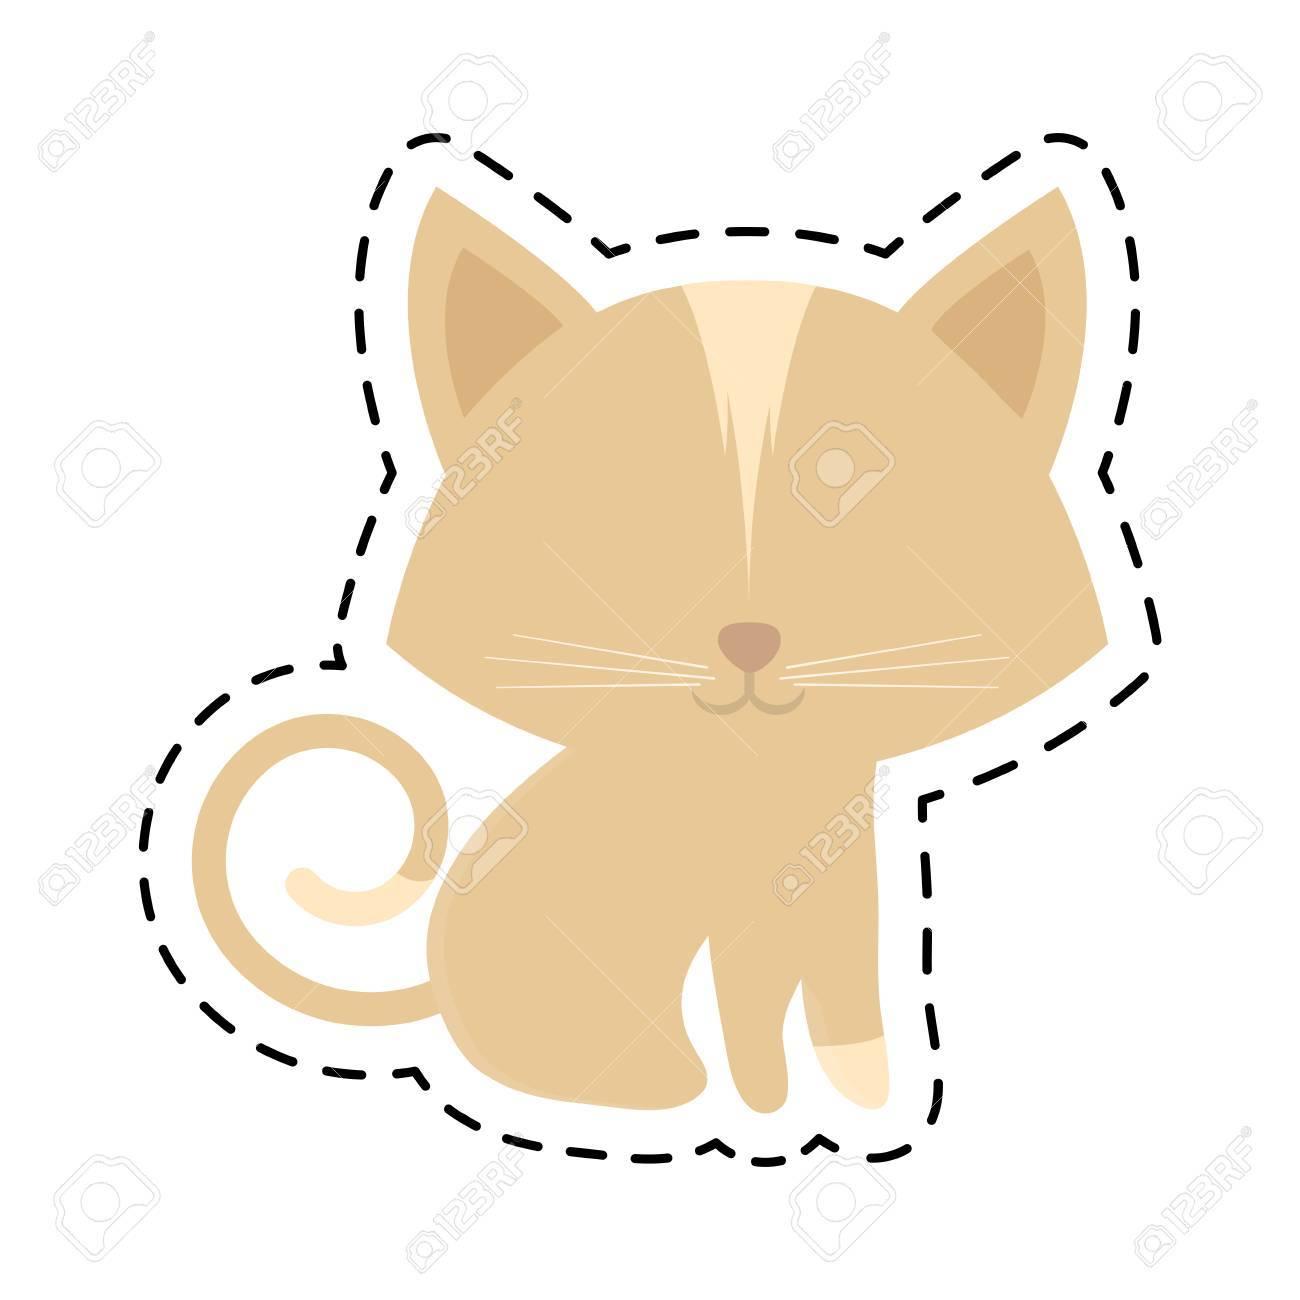 猫動物国内の毛皮のようなカット線ベクトル イラスト eps 10